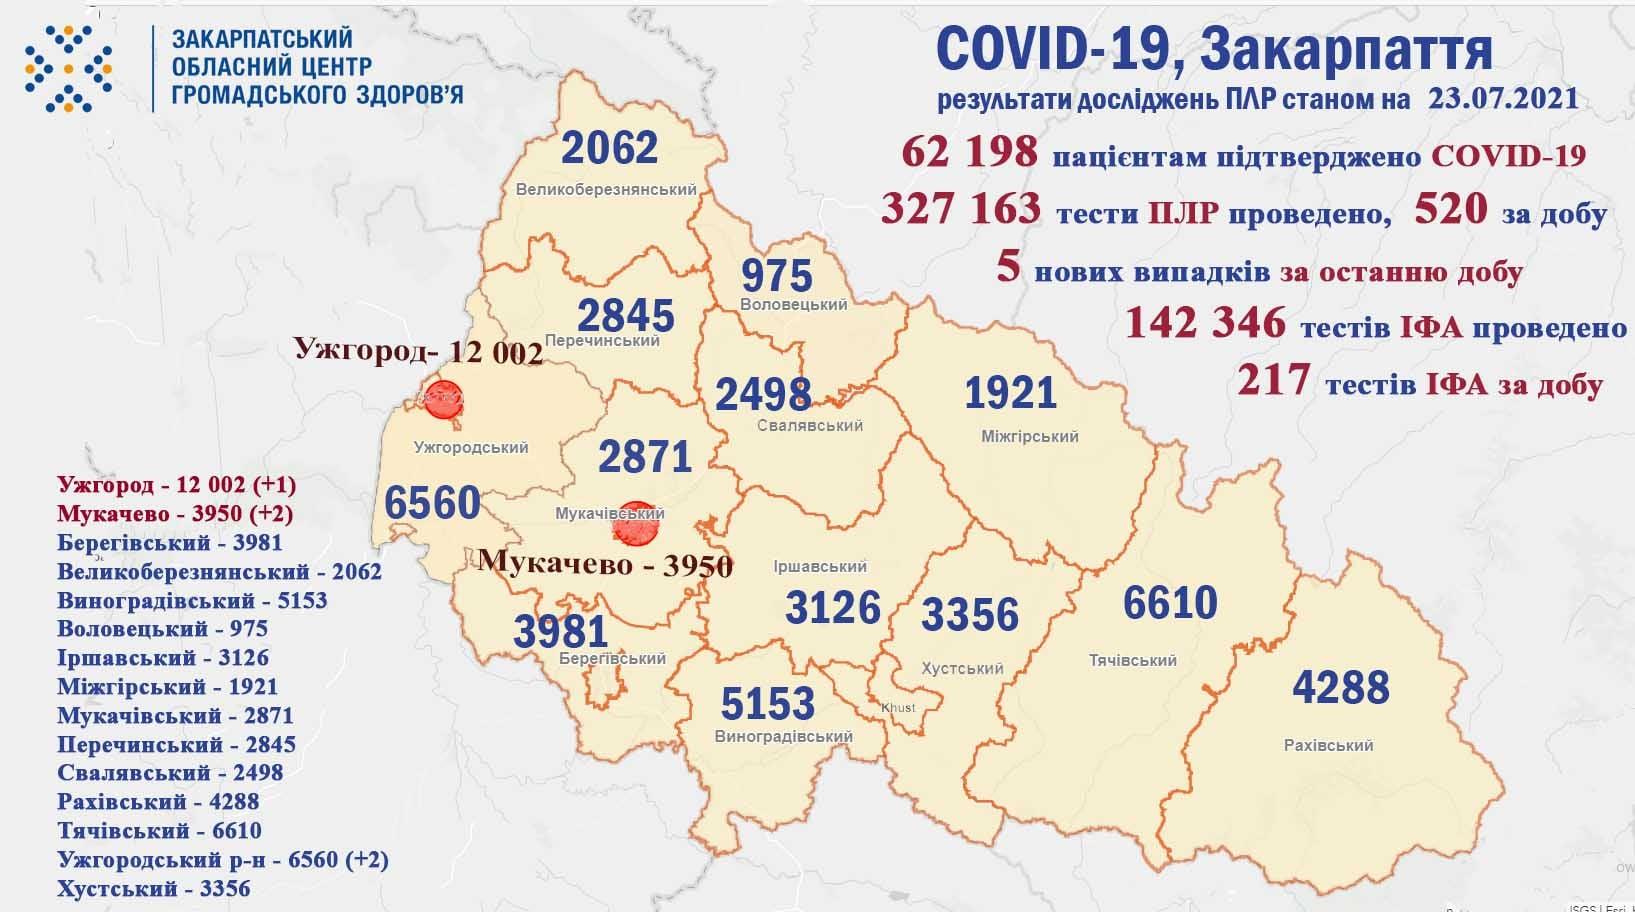 Скільки закарпатців захворіли на COVID-19: оновлена статистика